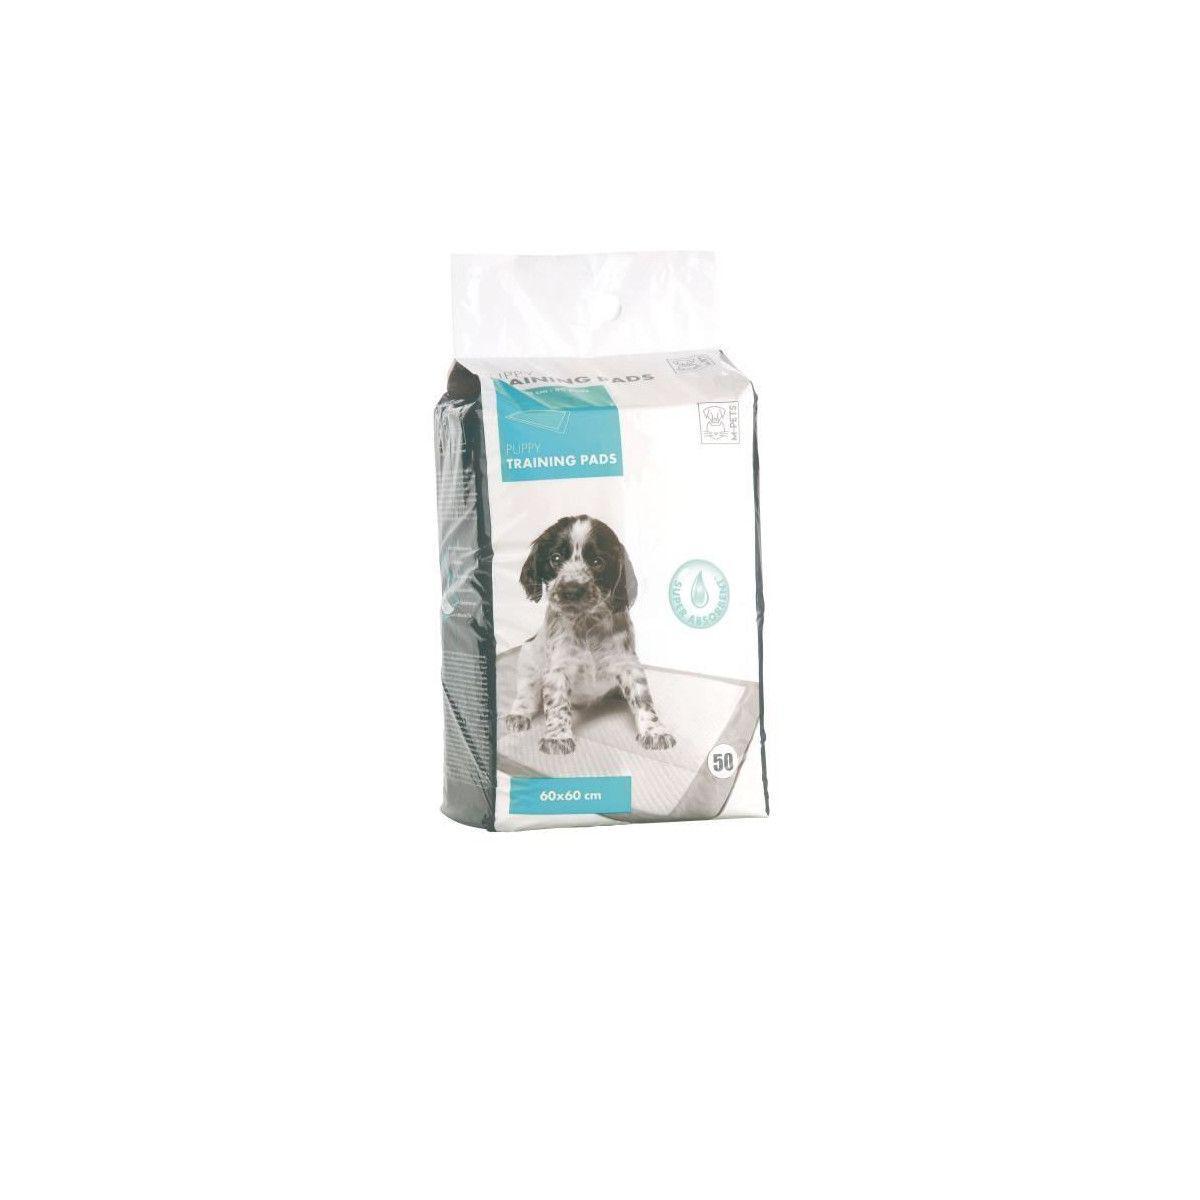 Mpets Mpets Tapis Educateur Puppy Training Pads - Pour Chiot - 50pcs - Blanc